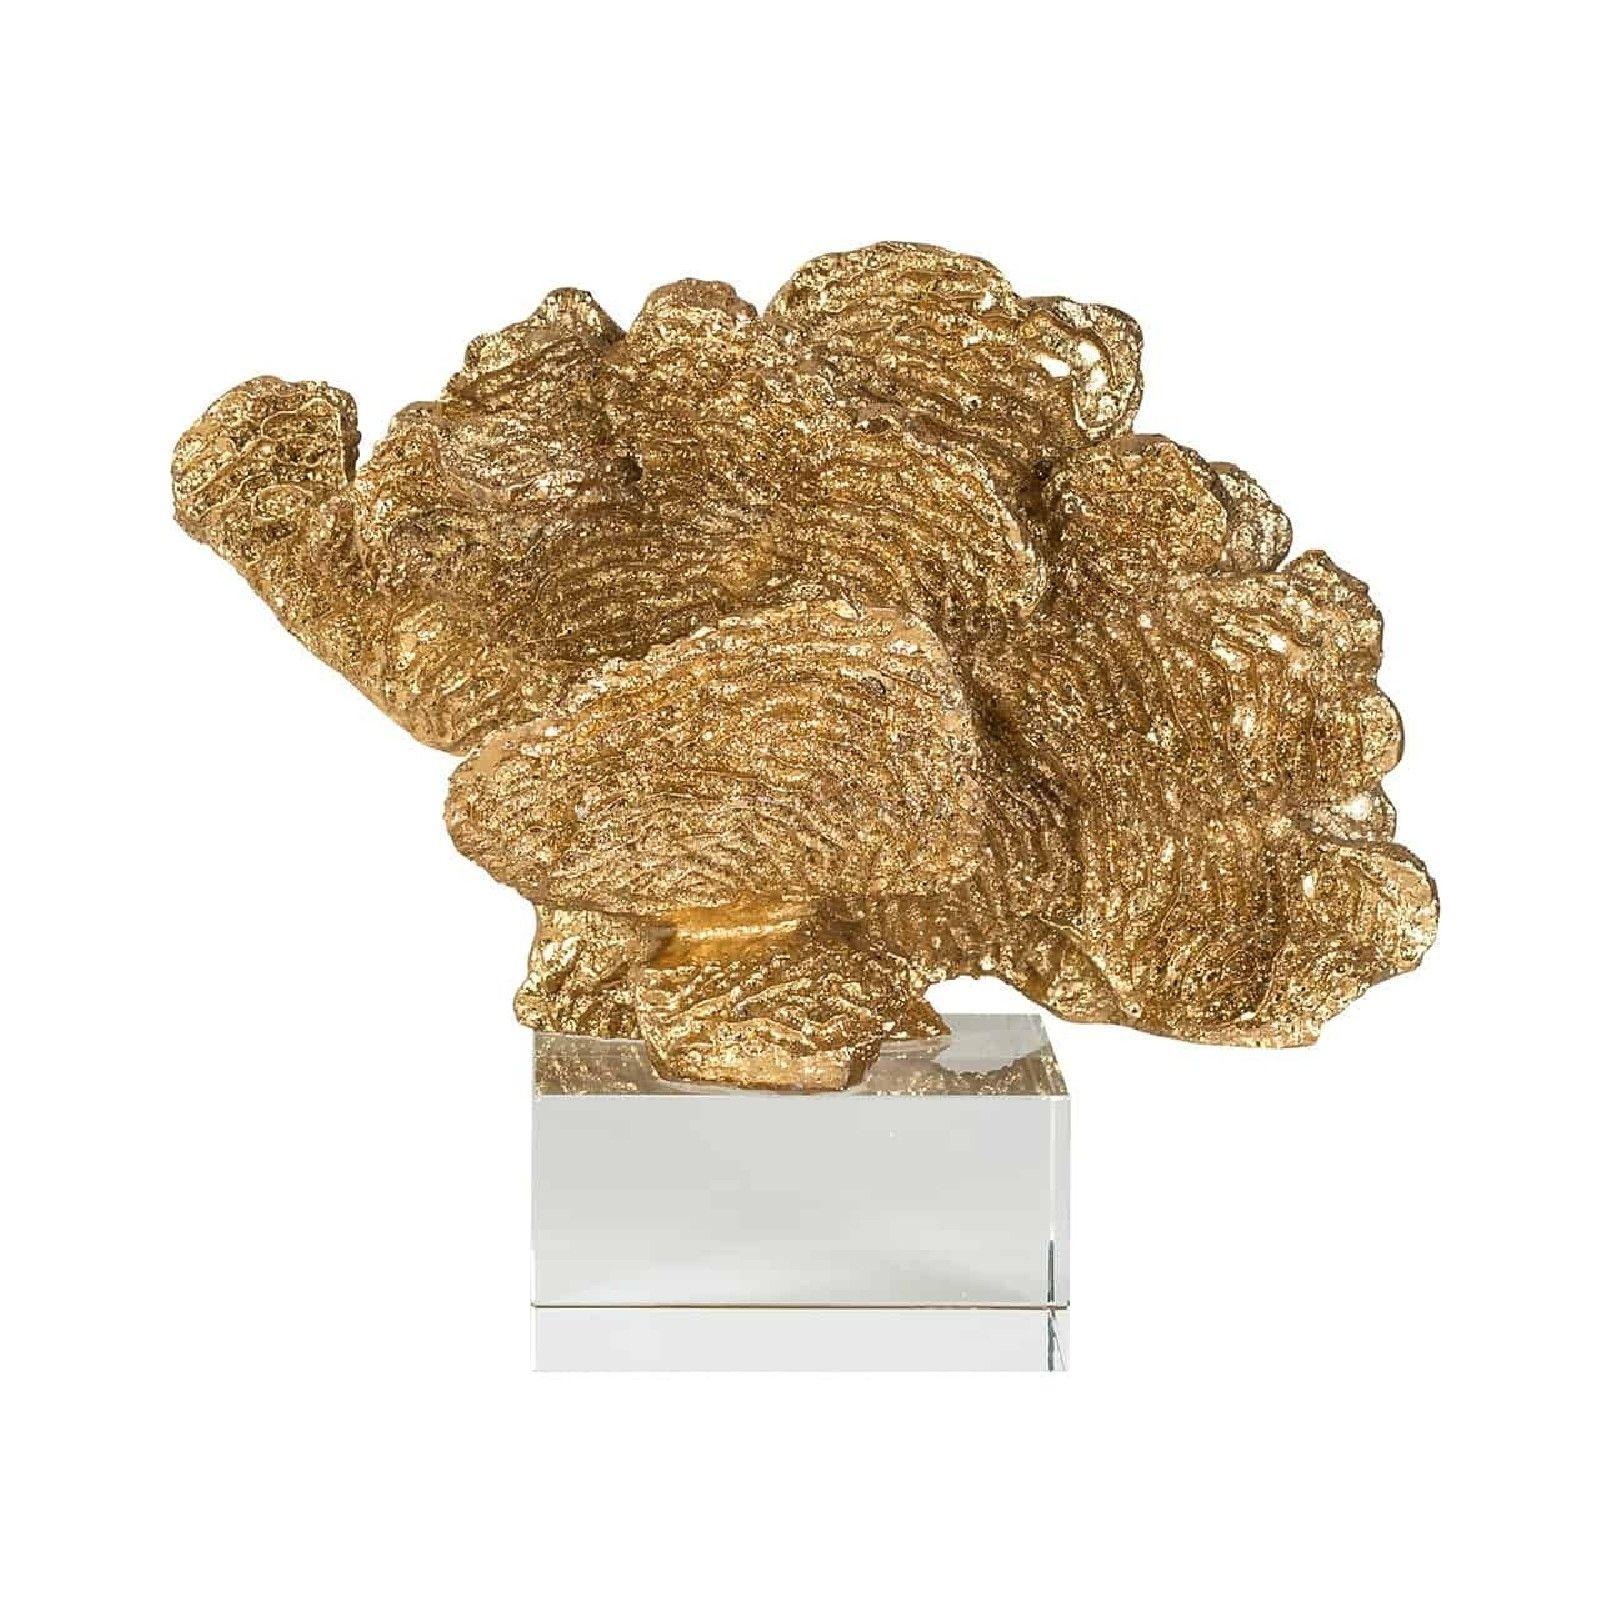 Faux corail Aryan or Figures décoratives - 51